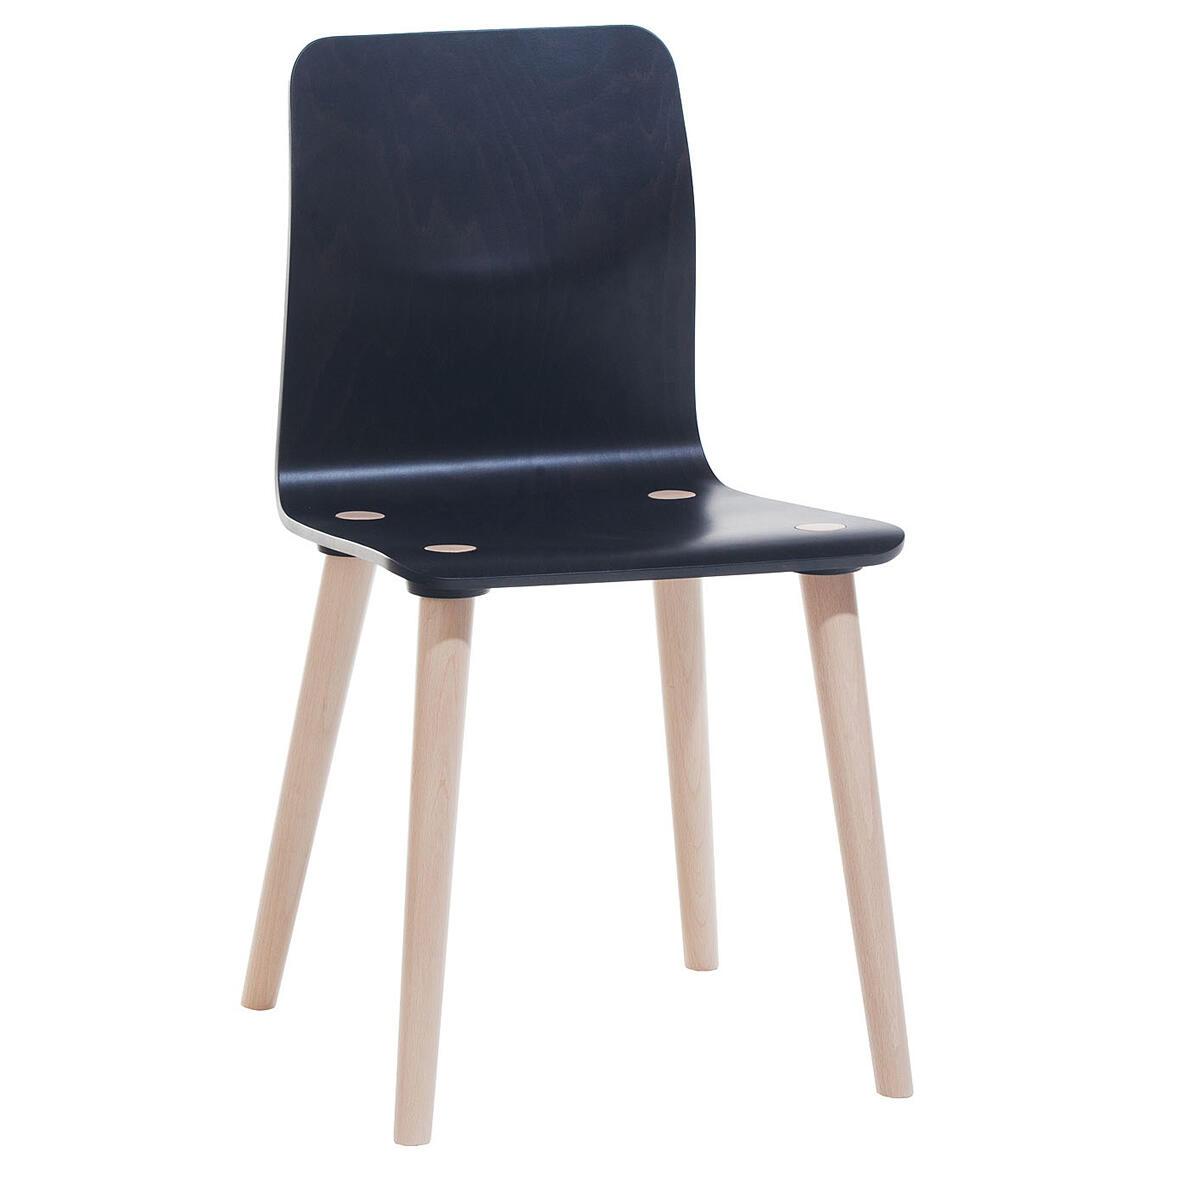 Malmö Stuhl stuhl malmö | ton a.s. - von menschen gefertigte stühle